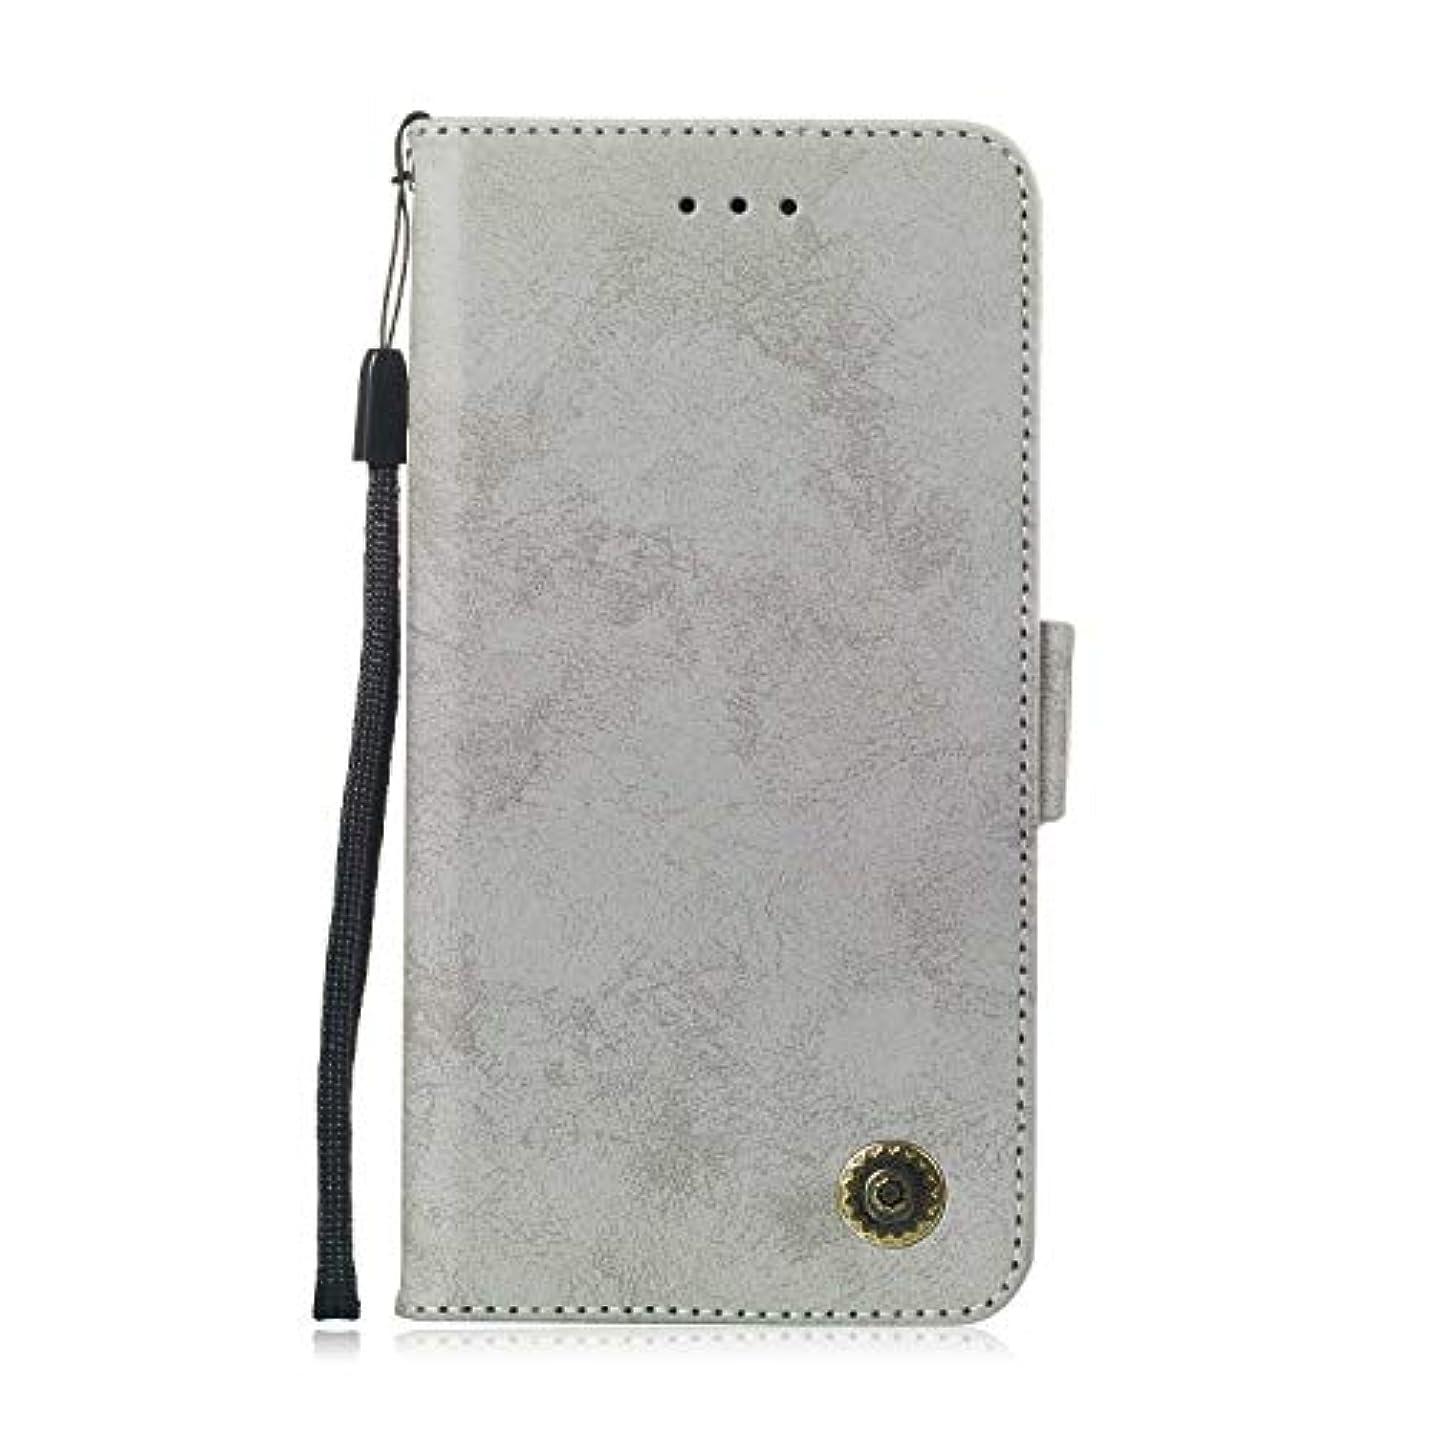 苦い継続中解釈Zeebox® Huawei Mate 20 Lite 手帳型ケース Huawei Mate 20 Lite 手帳型カバー 財布型 合皮PUレザー マグネット式 保護ケース カード収納 スタンド 機能 (グレー #5)